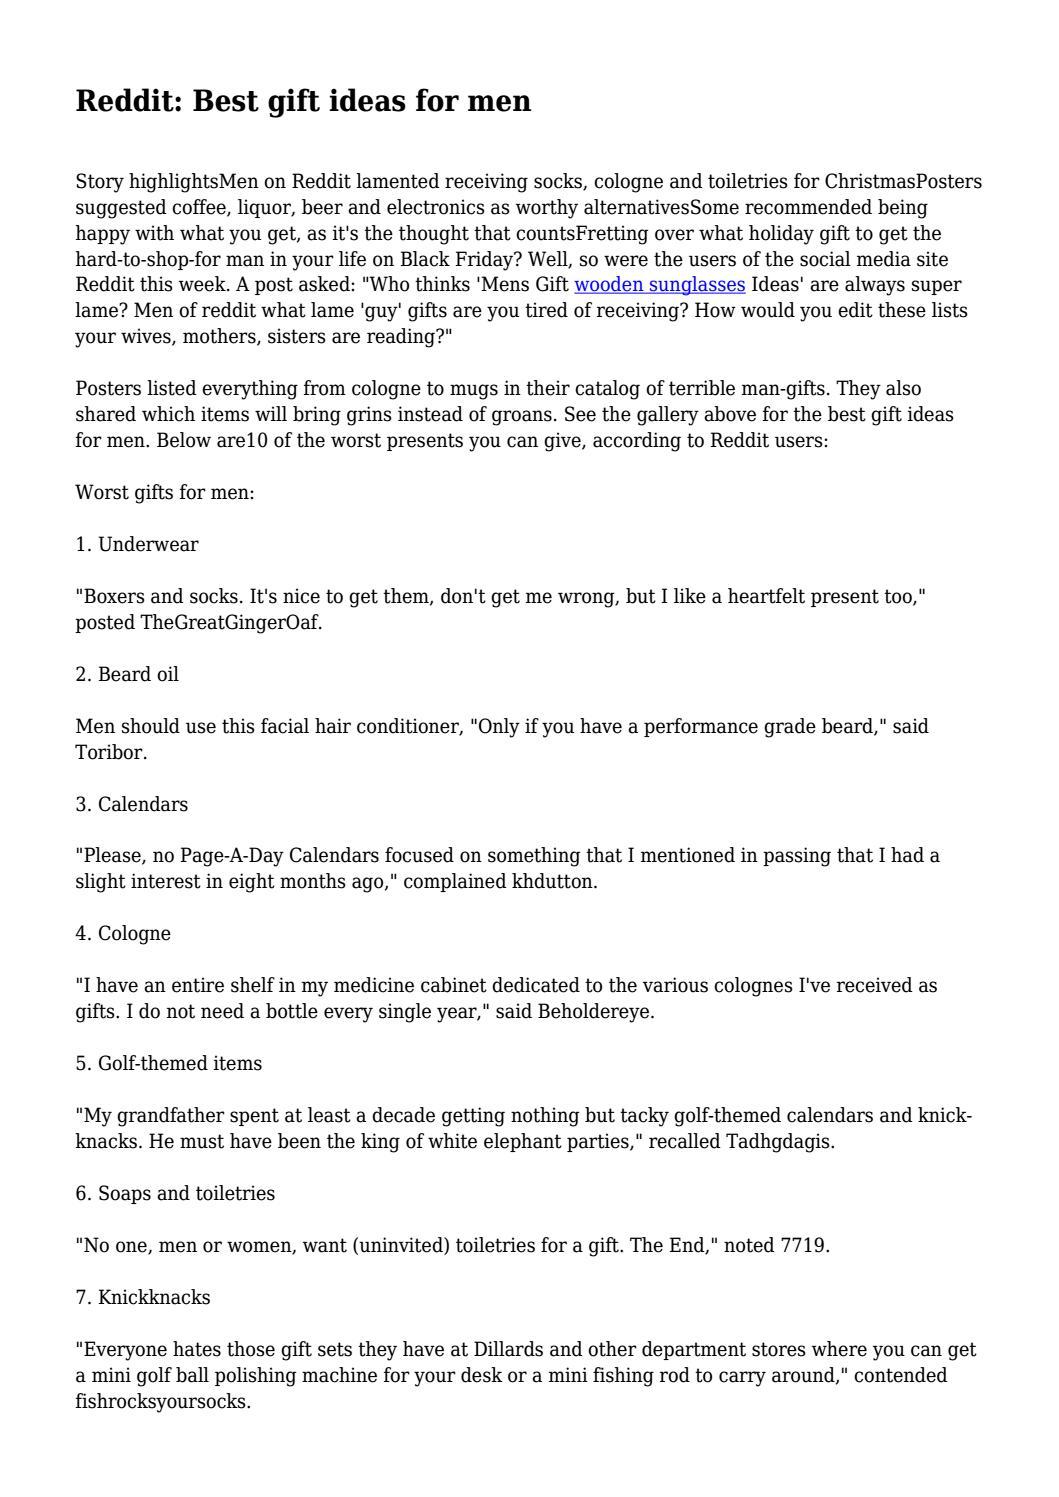 Reddit: Best gift ideas for men... by jeremiahkong333 - issuu